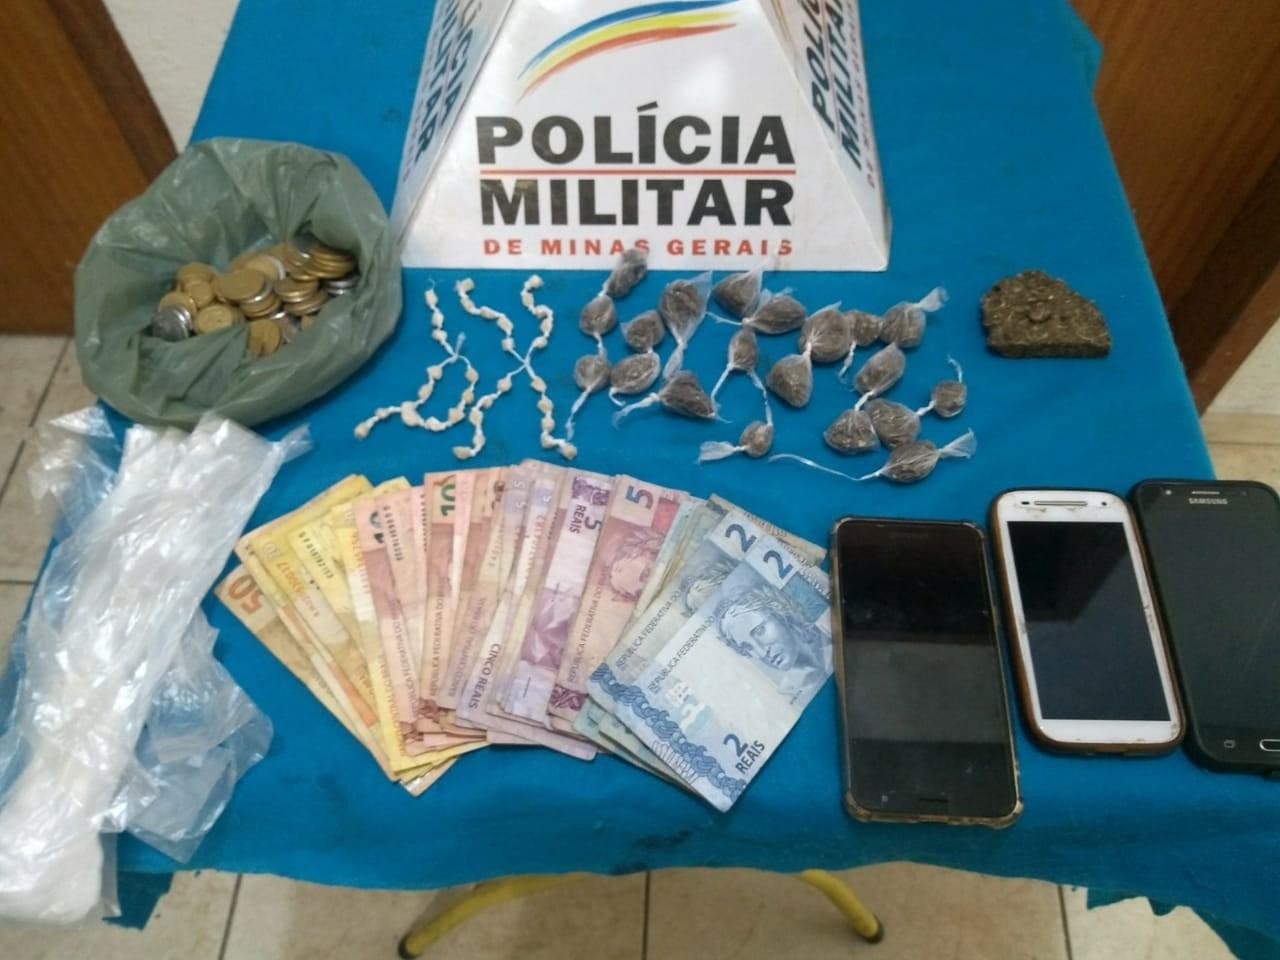 Trio é detido por tráfico de drogas no Bairro São Bernardo em Juiz de Fora - Notícias - Plantão Diário